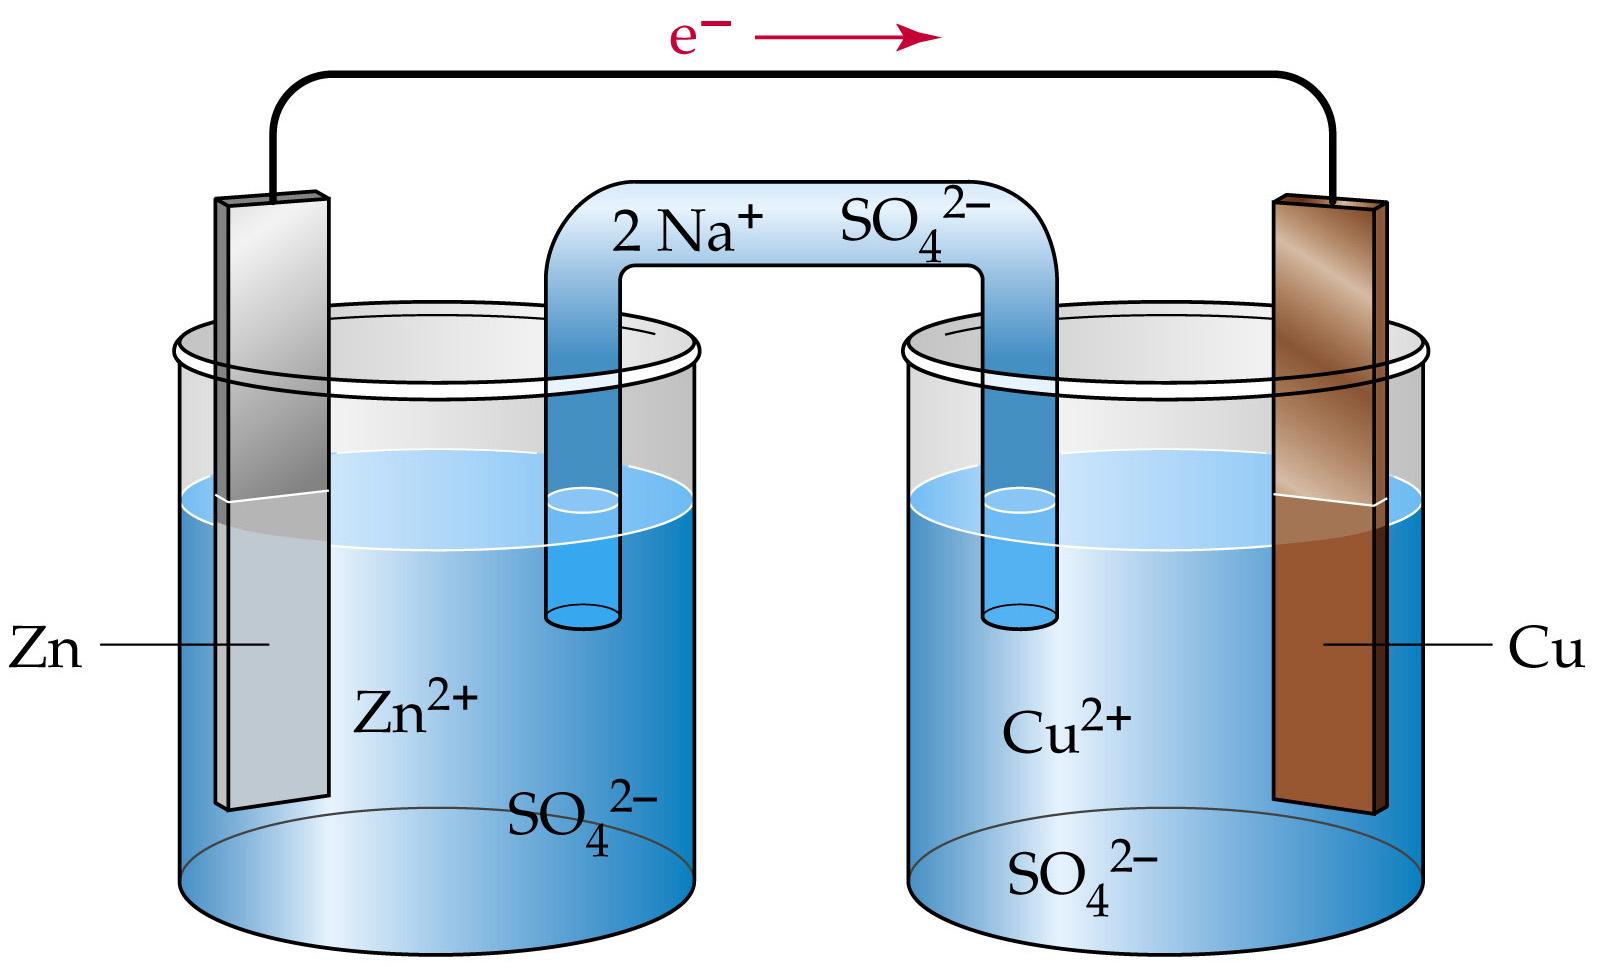 CBSE Class 12 Chemistry Notes - Electrochemistry